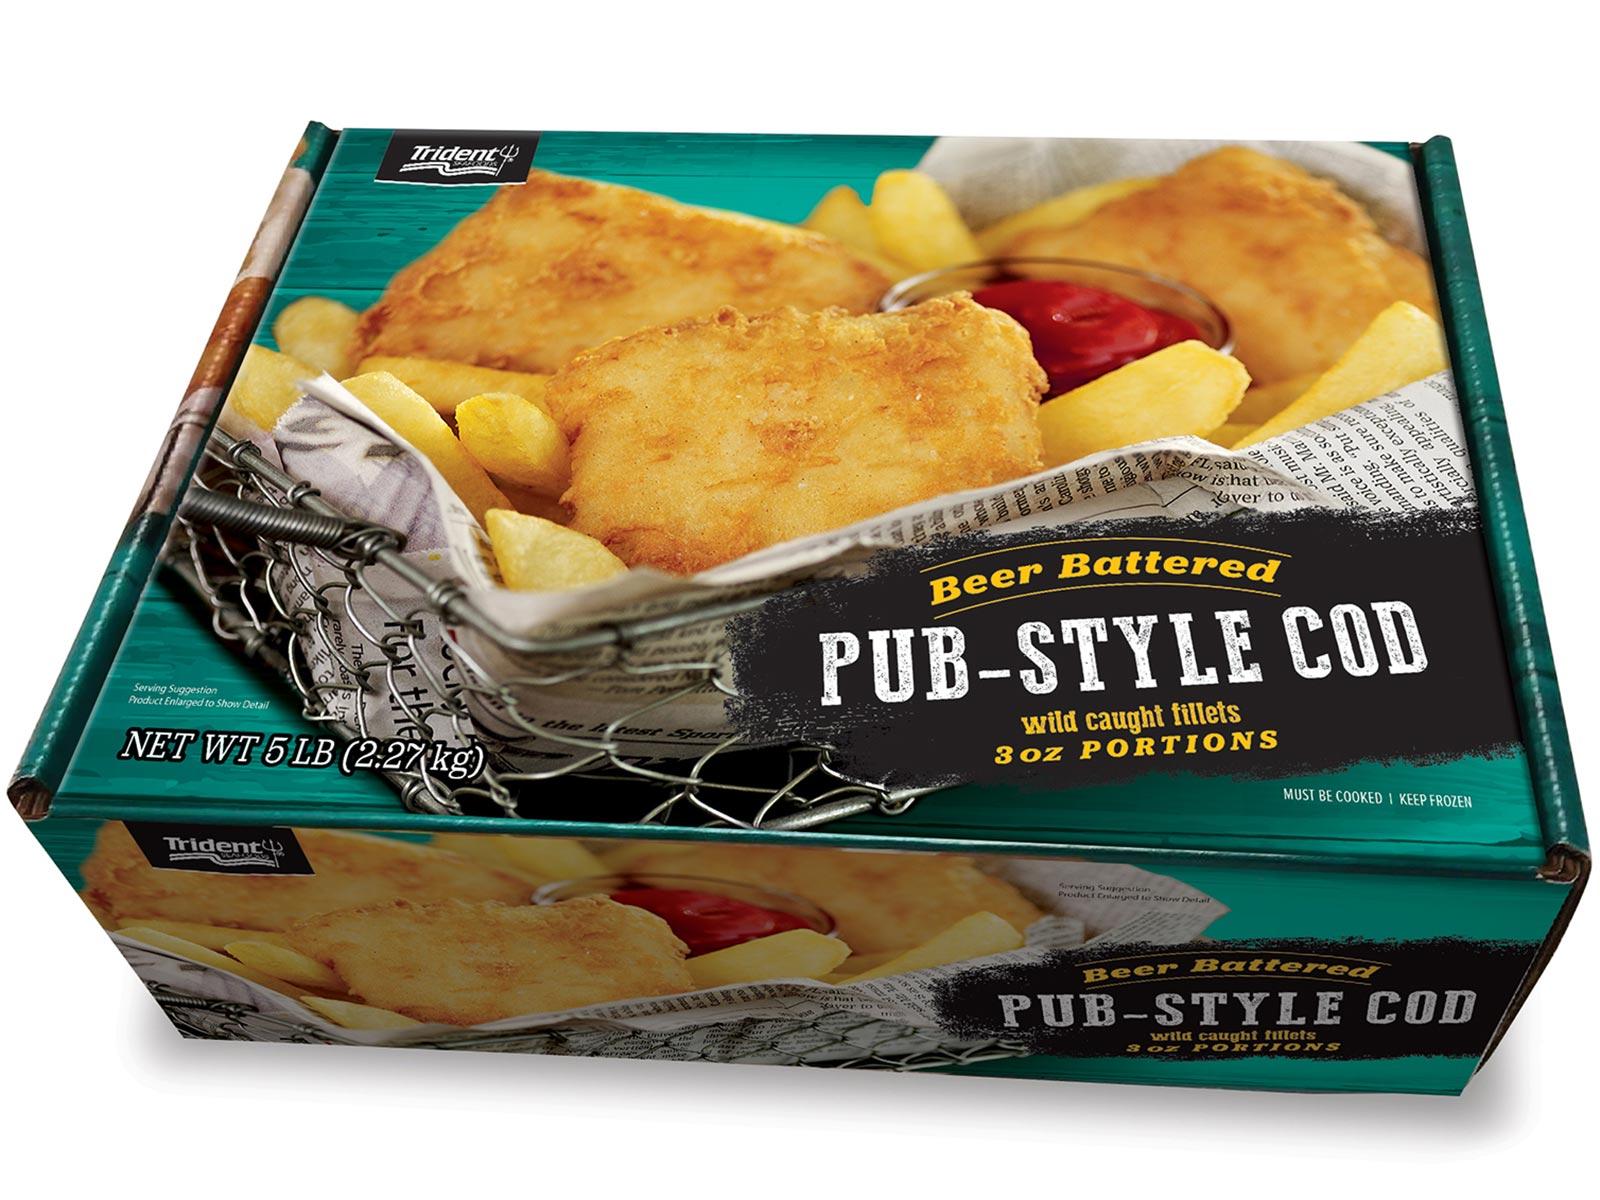 Pub-Style Beer Battered Cod 3 oz (1/5 lb) 423080